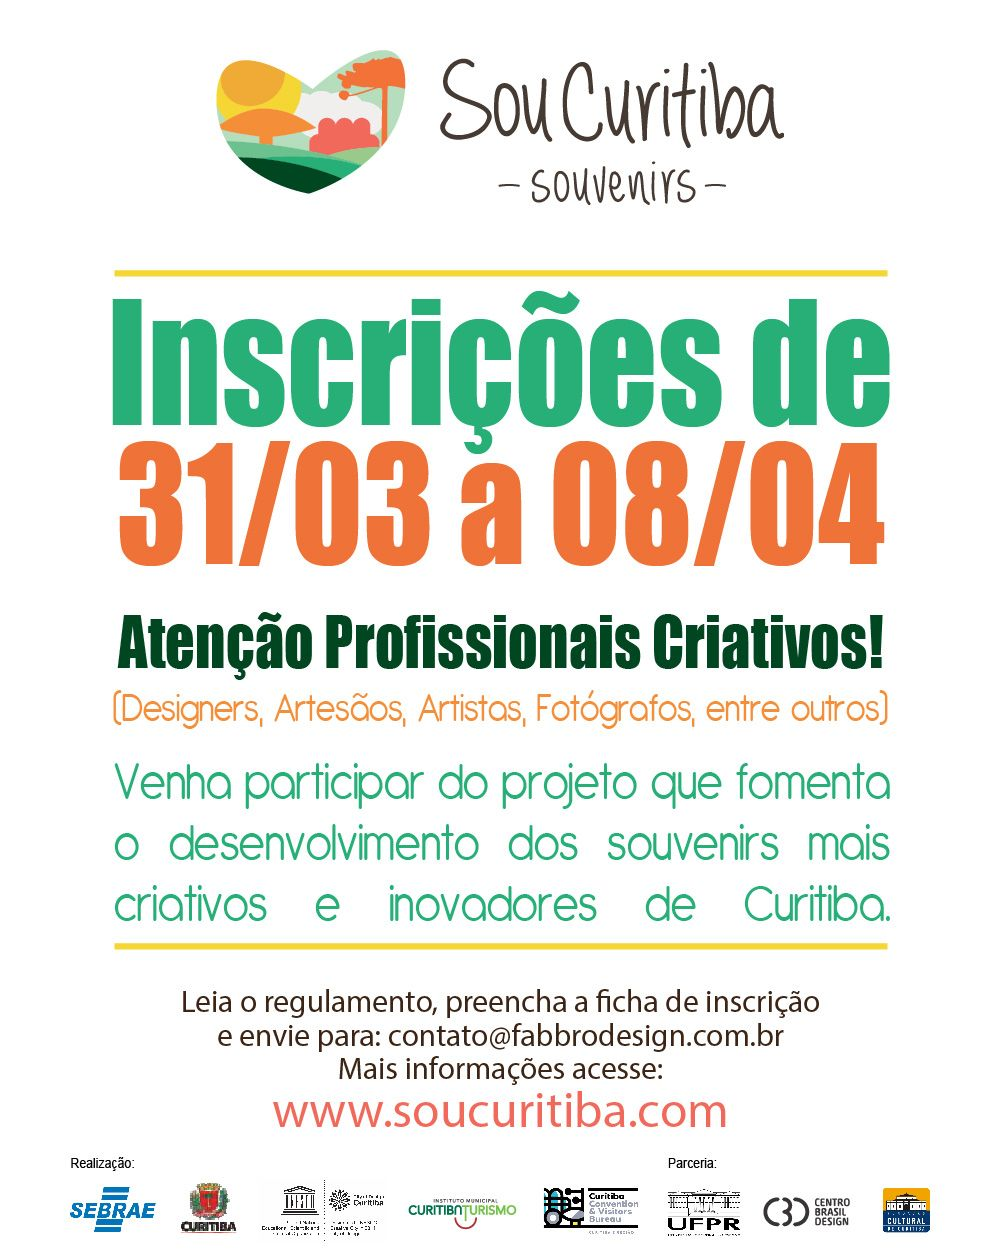 SouCuritiba Abre Inscrições Para Profissionais Criativos De 31/03 A 08/04